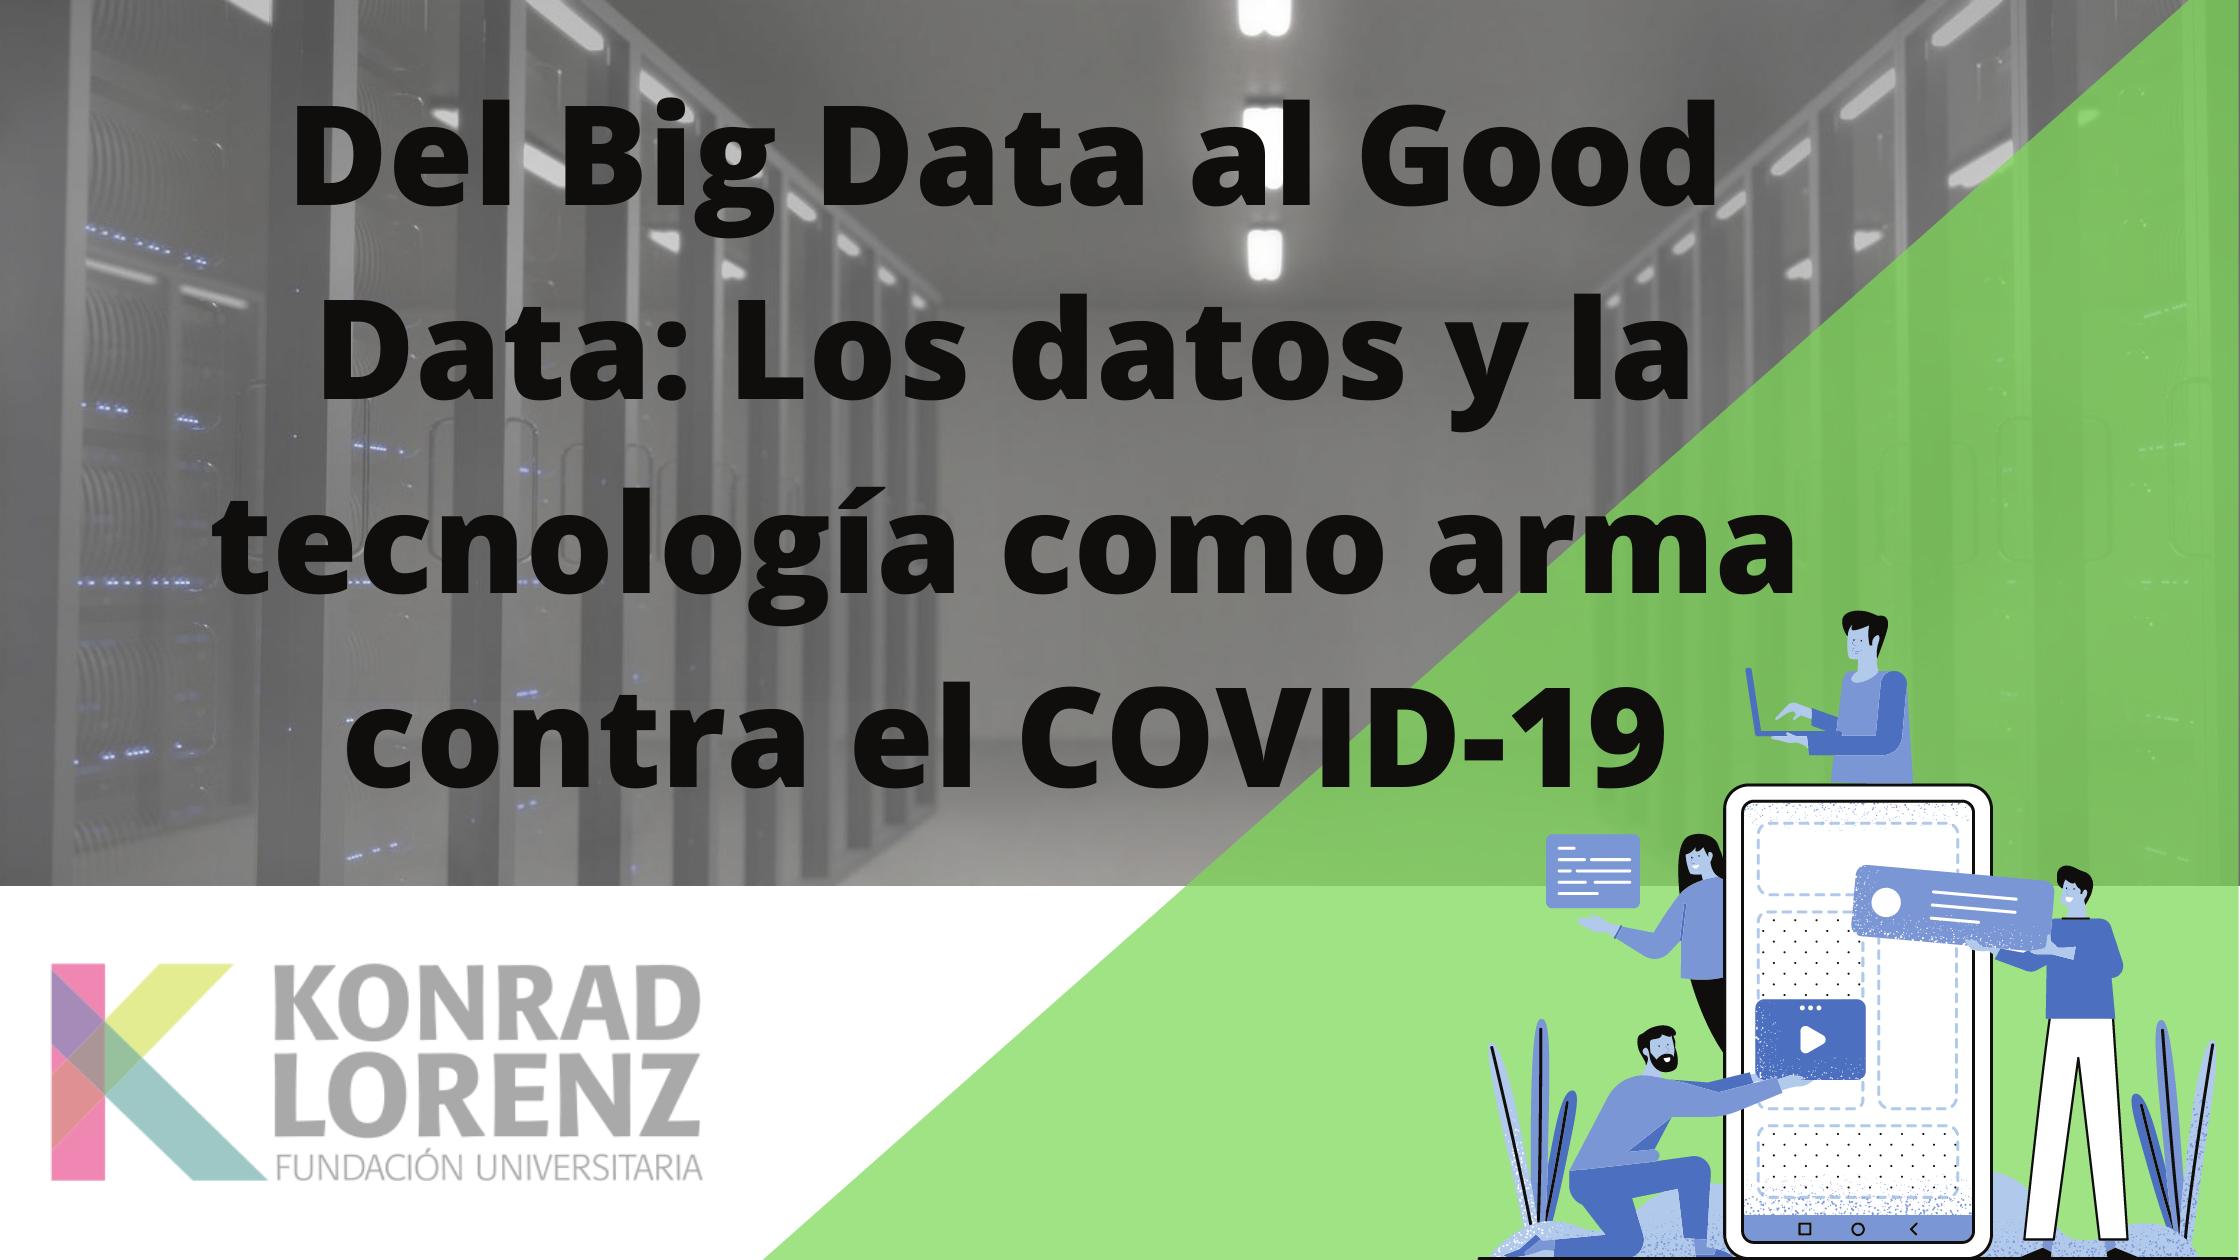 Del Big Data al Good Data: Los datos y la tecnología como arma contra el COVID- 19